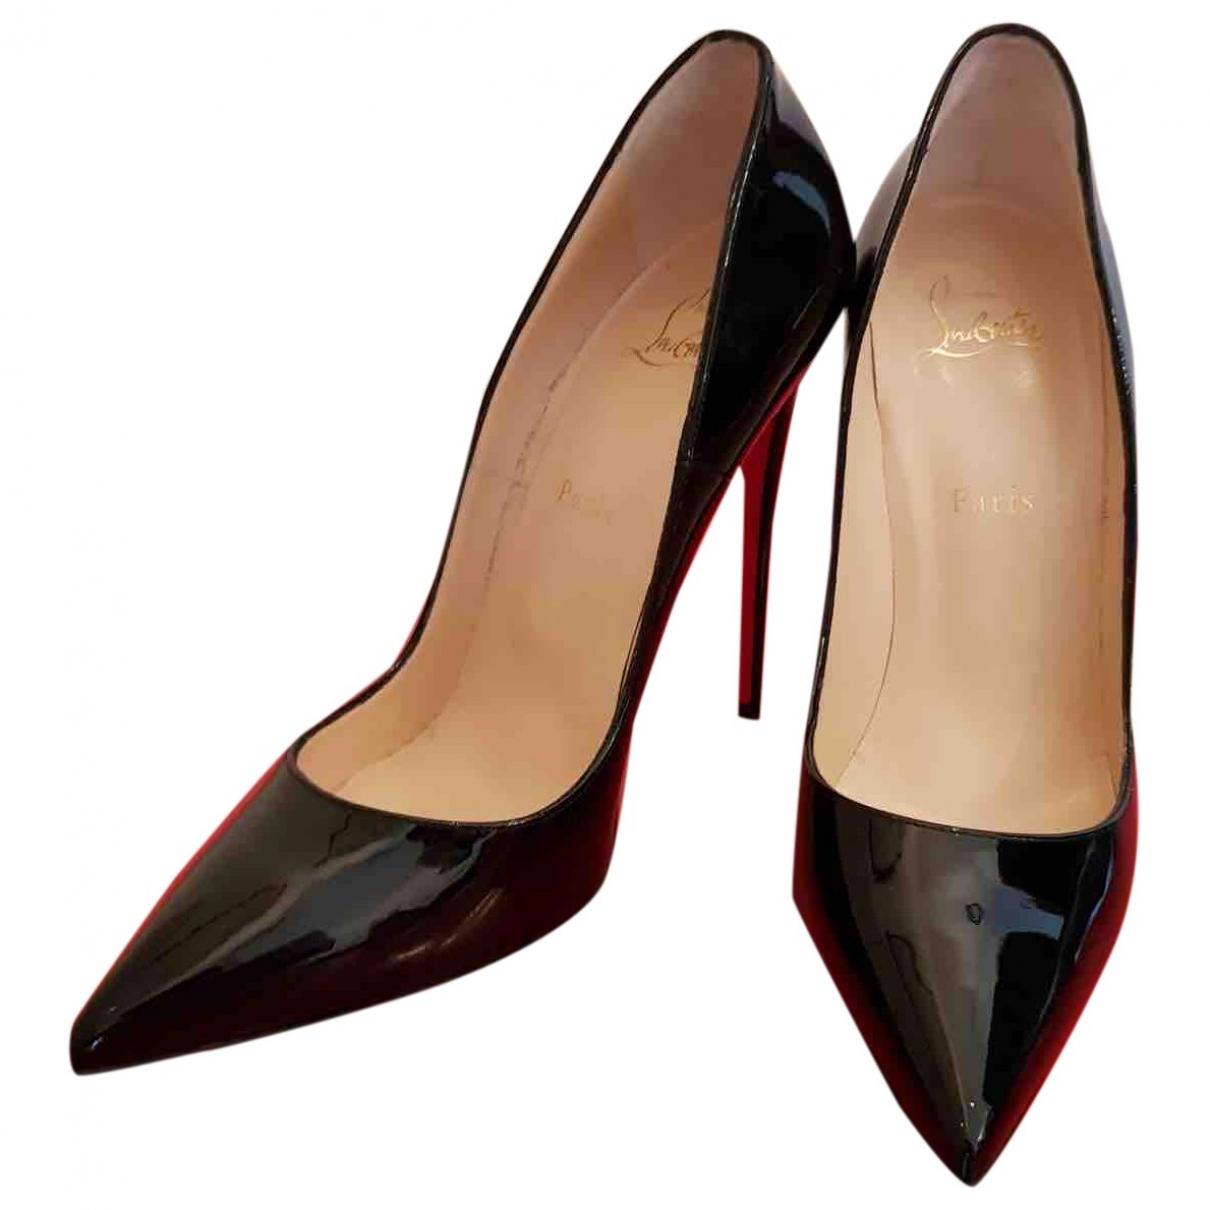 Christian Louboutin - Escarpins So Kate  pour femme en cuir verni - noir